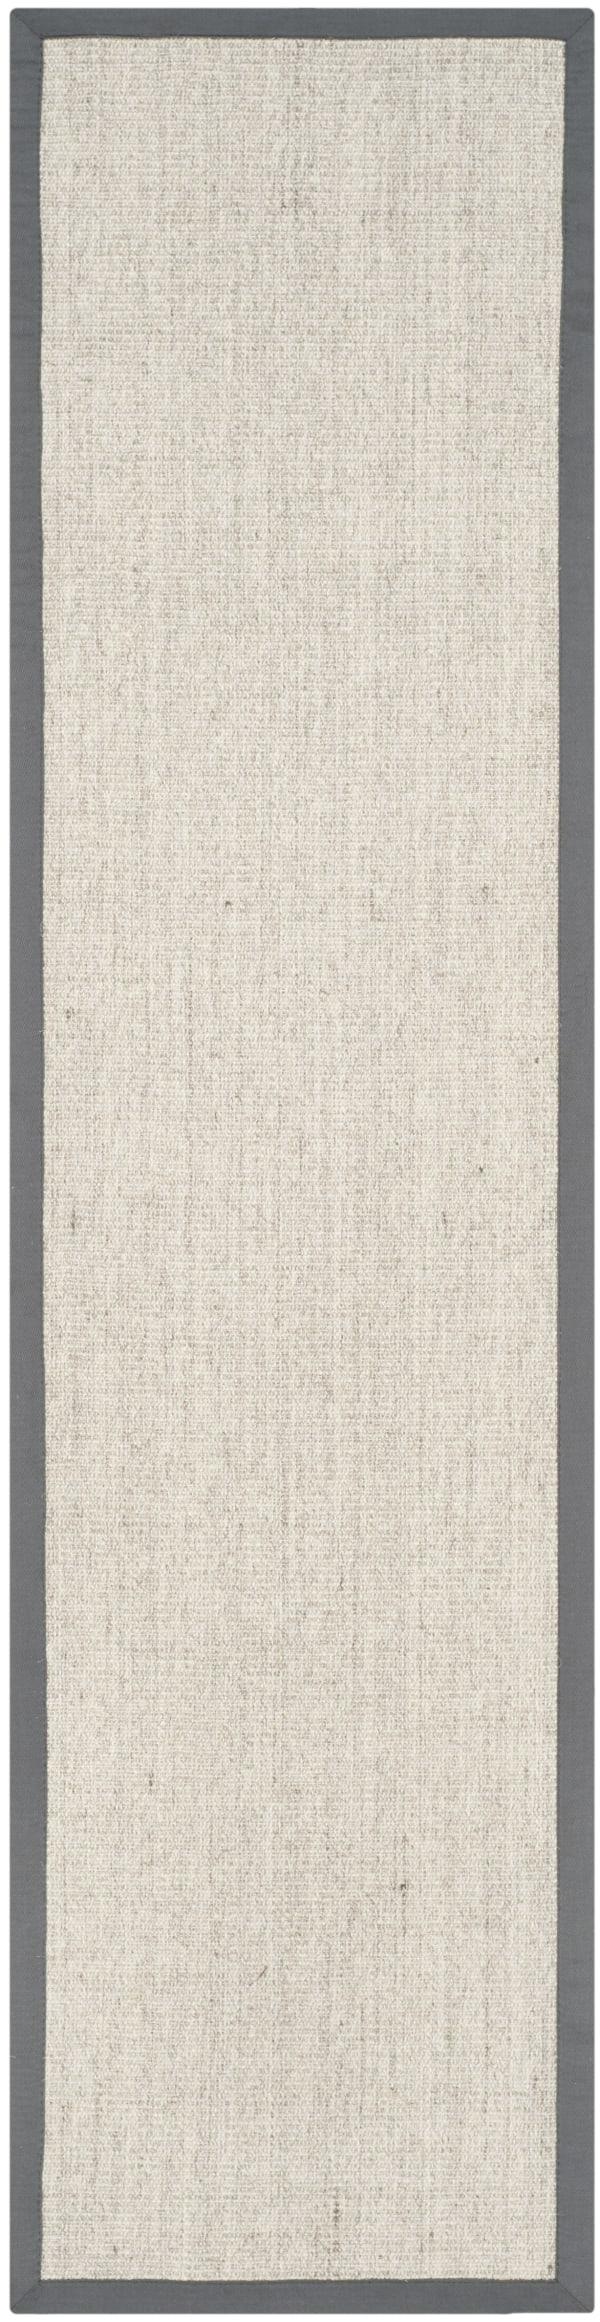 Danford 441 2' X 8' Gray Jute Rug